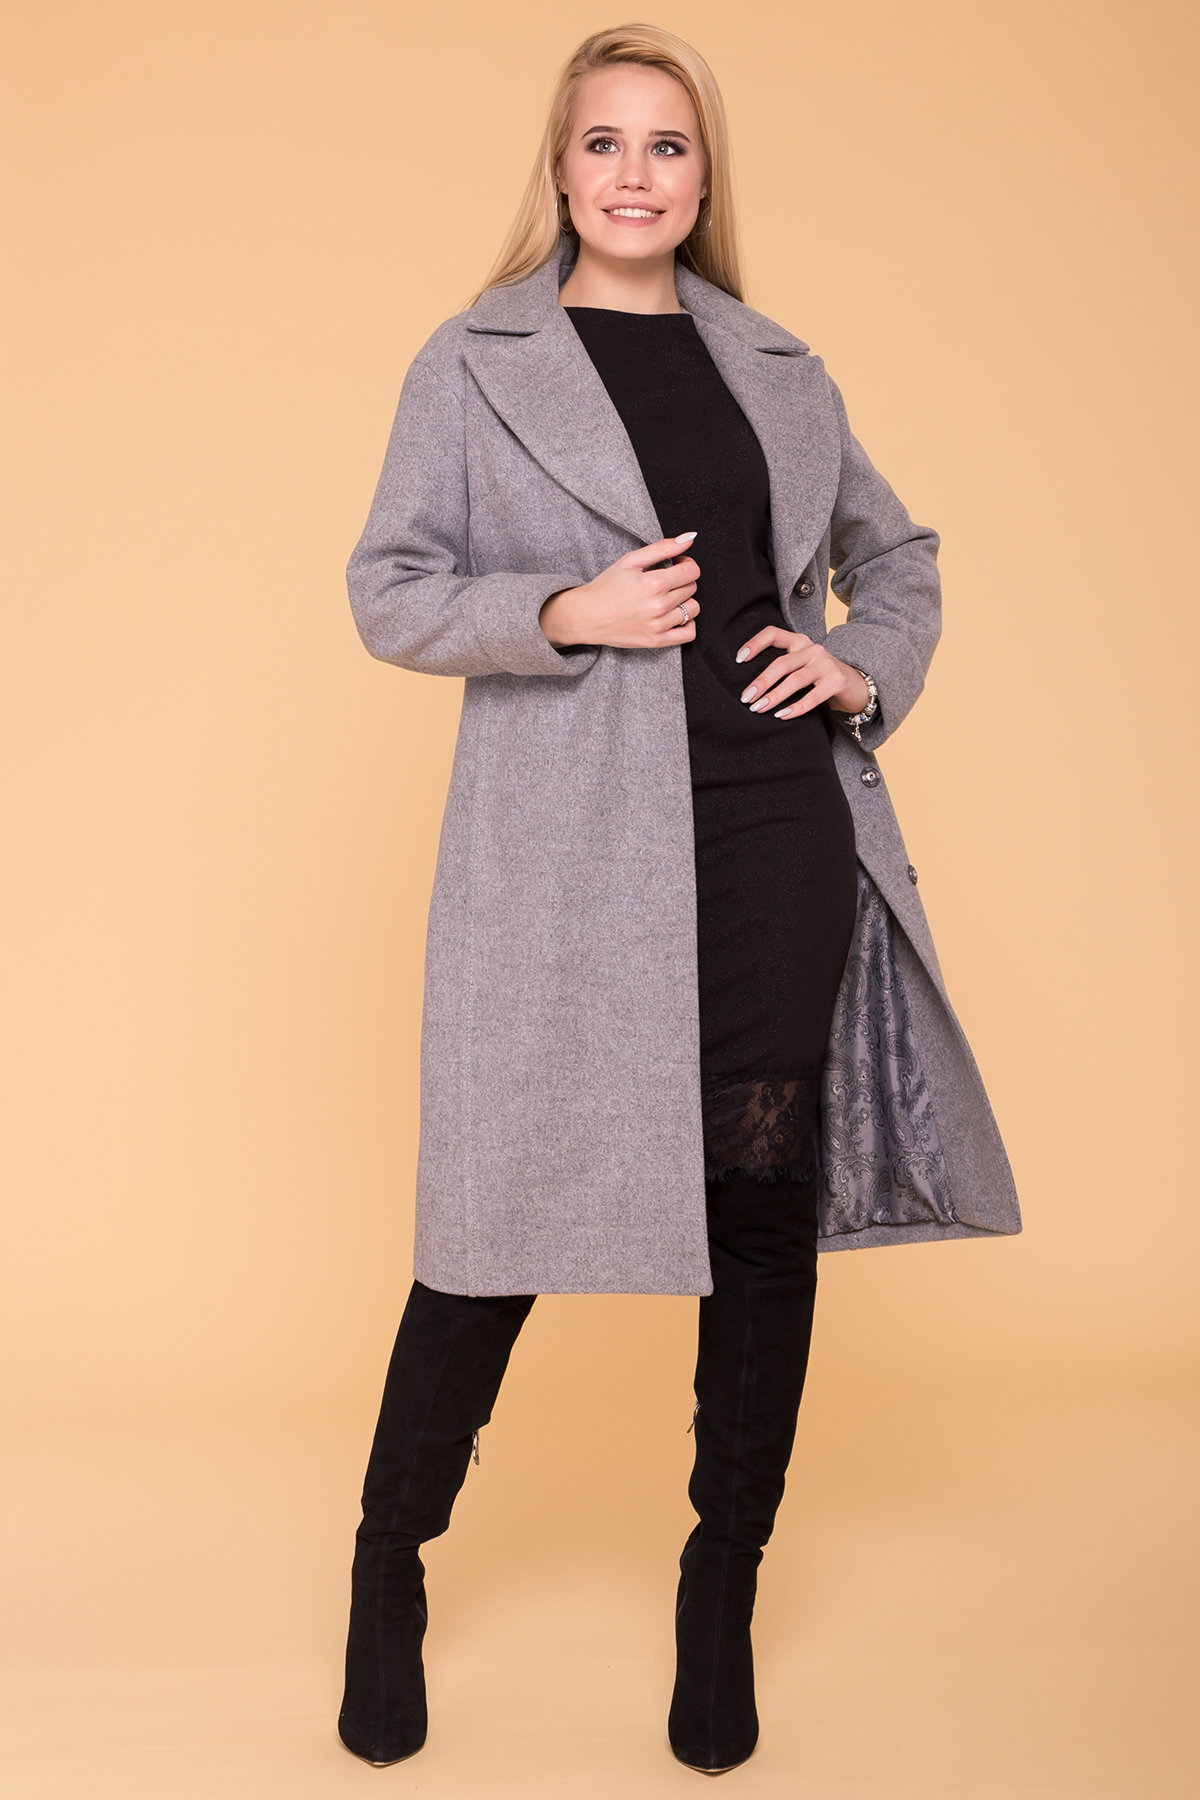 Демисезонное пальто Месси 6226 АРТ. 41053 Цвет: Серый Светлый 1 - фото 3, интернет магазин tm-modus.ru